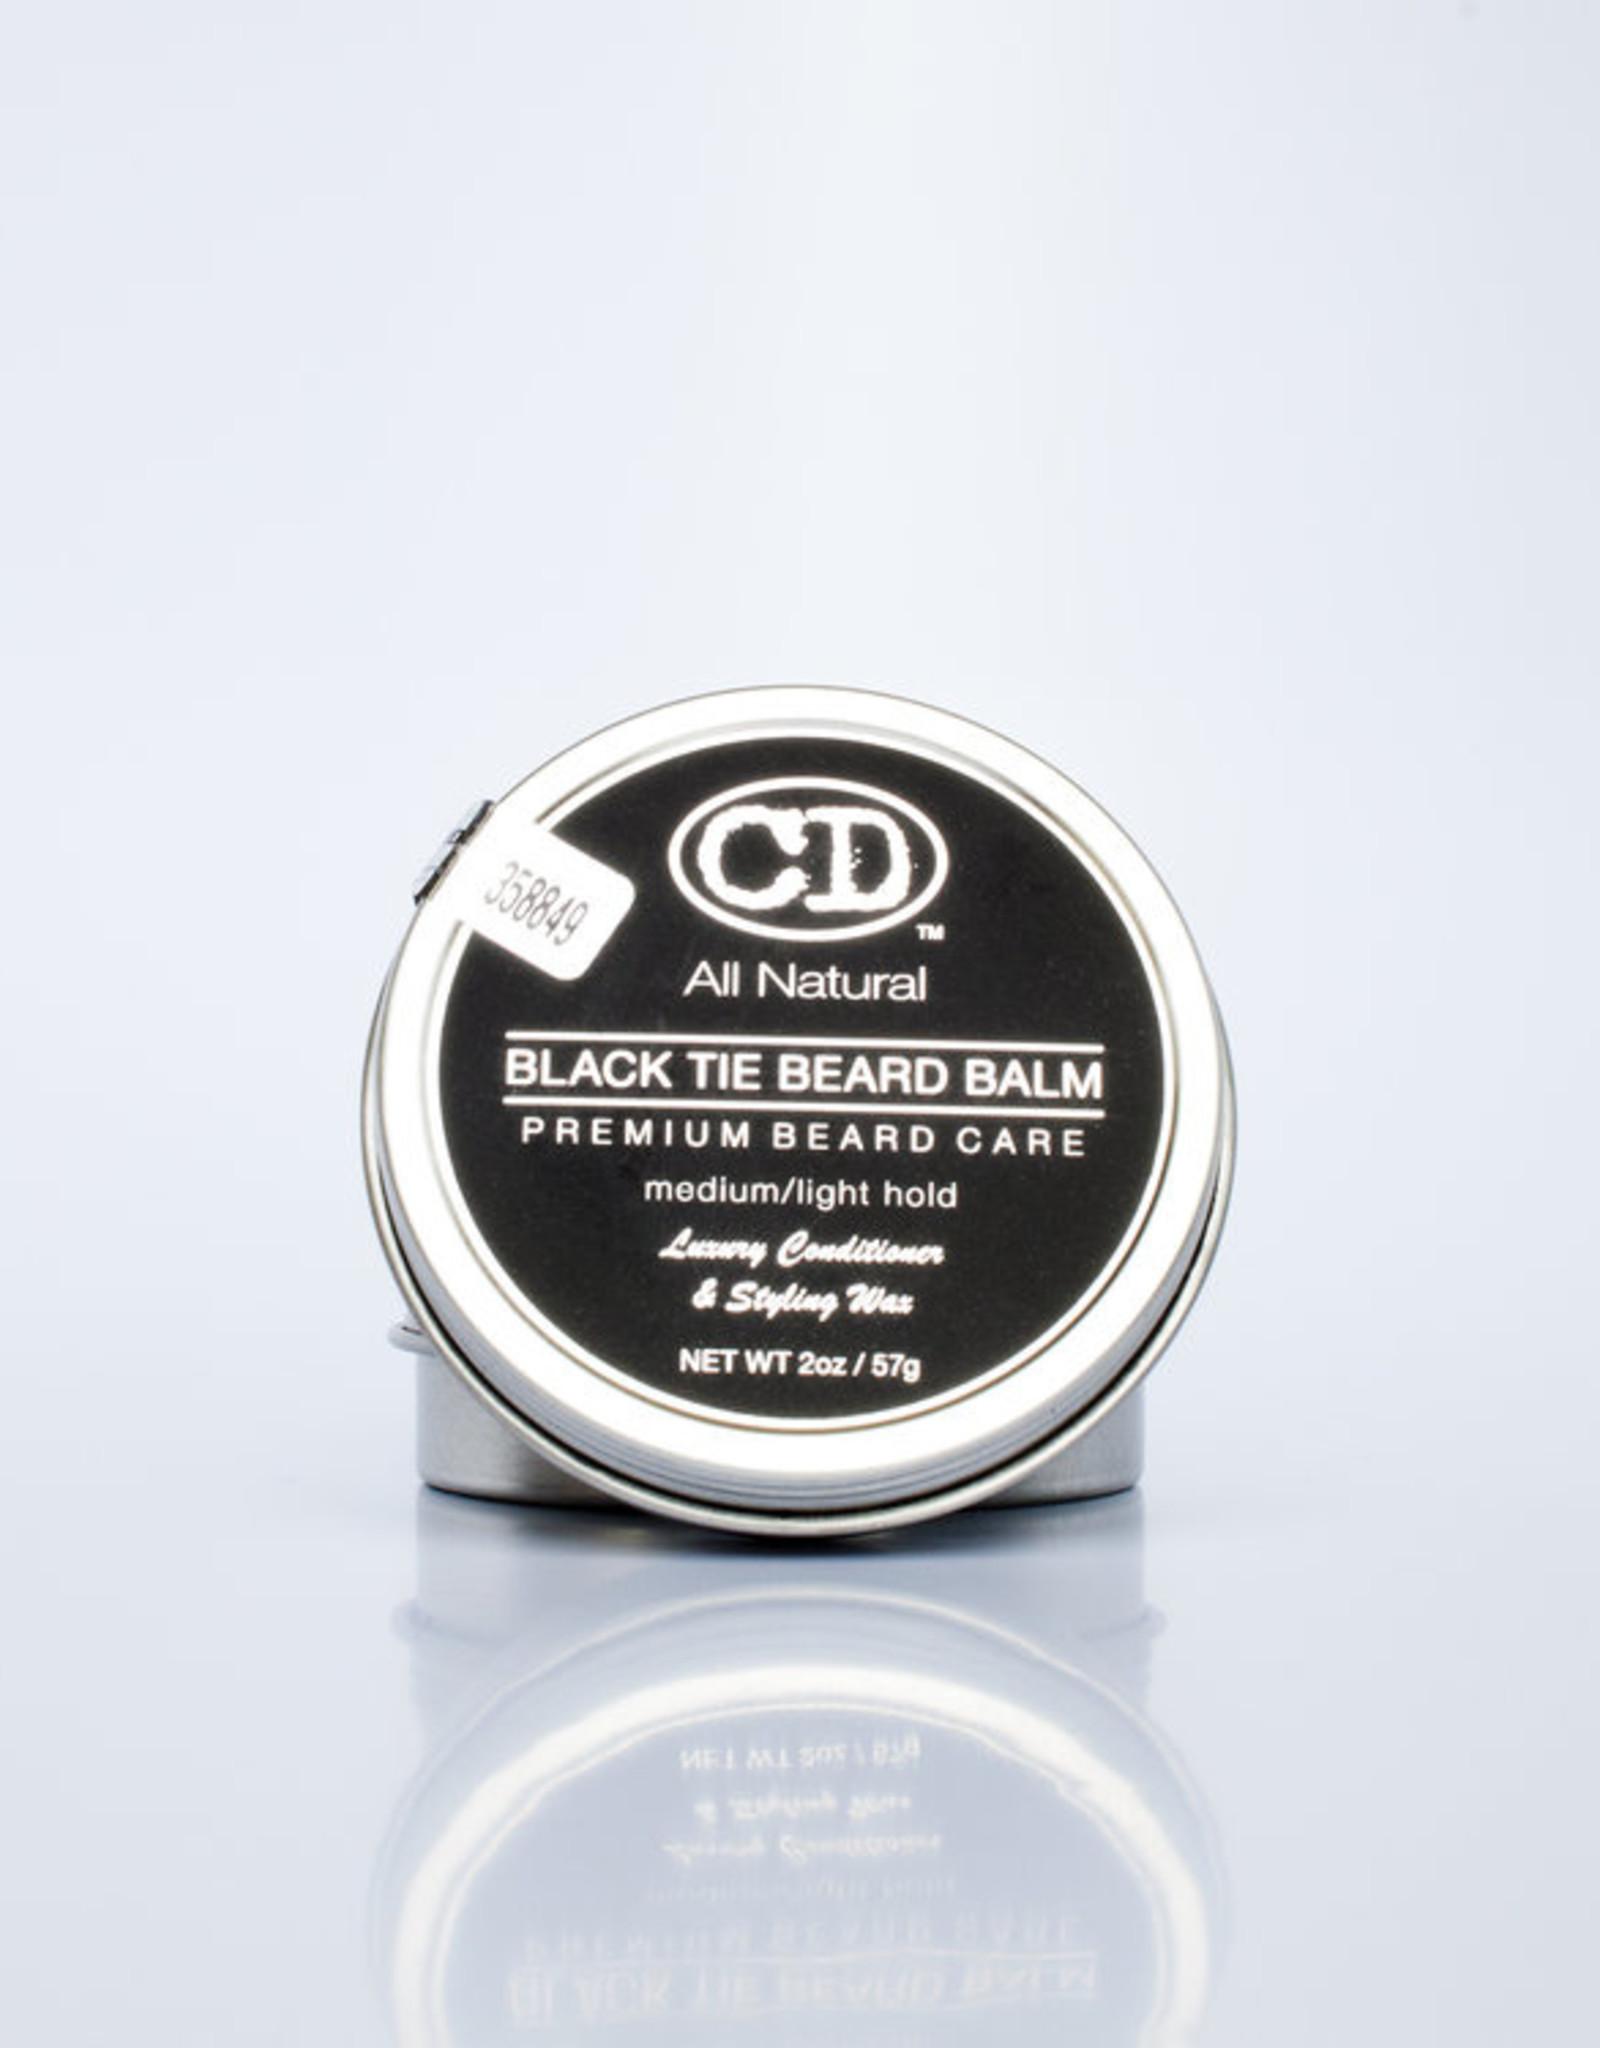 Black Tie Beard Balm